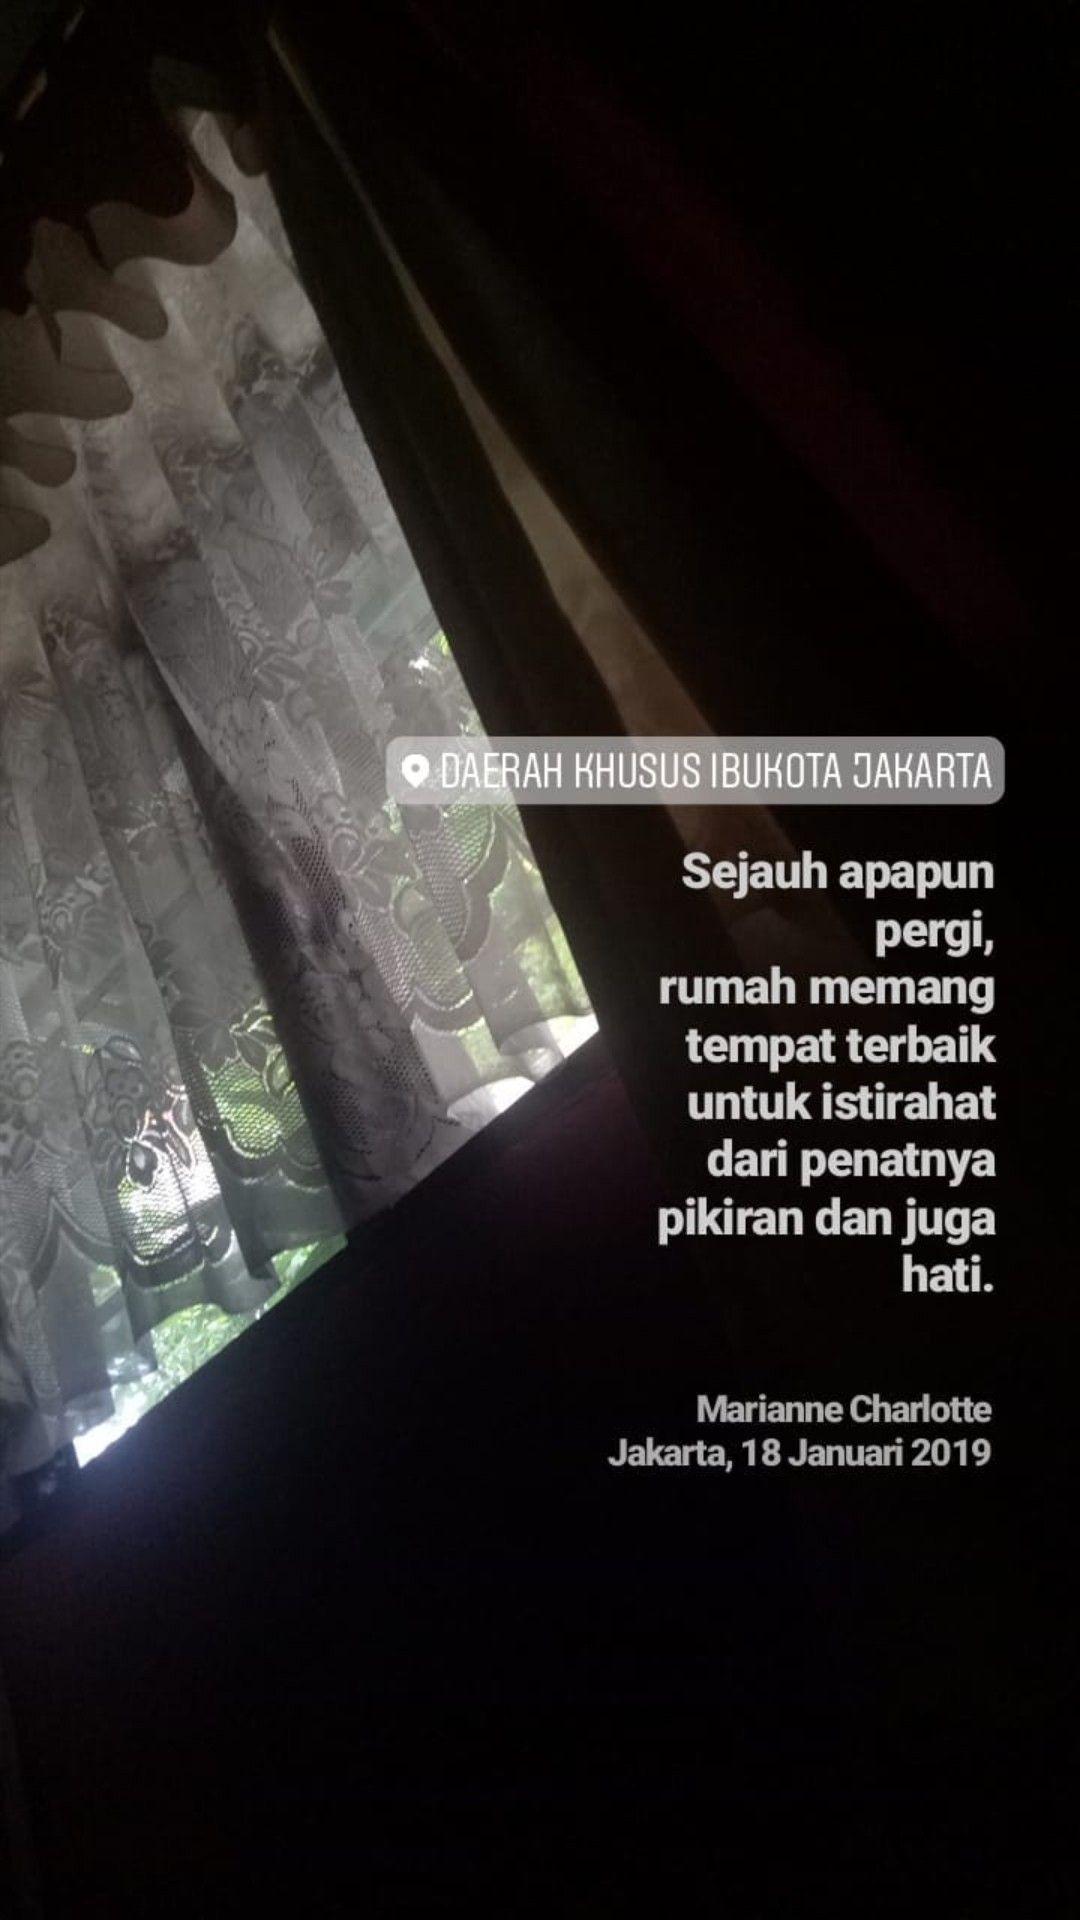 Pin oleh Al di Indonesian quotes Motivasi, Kutipan, Romantis